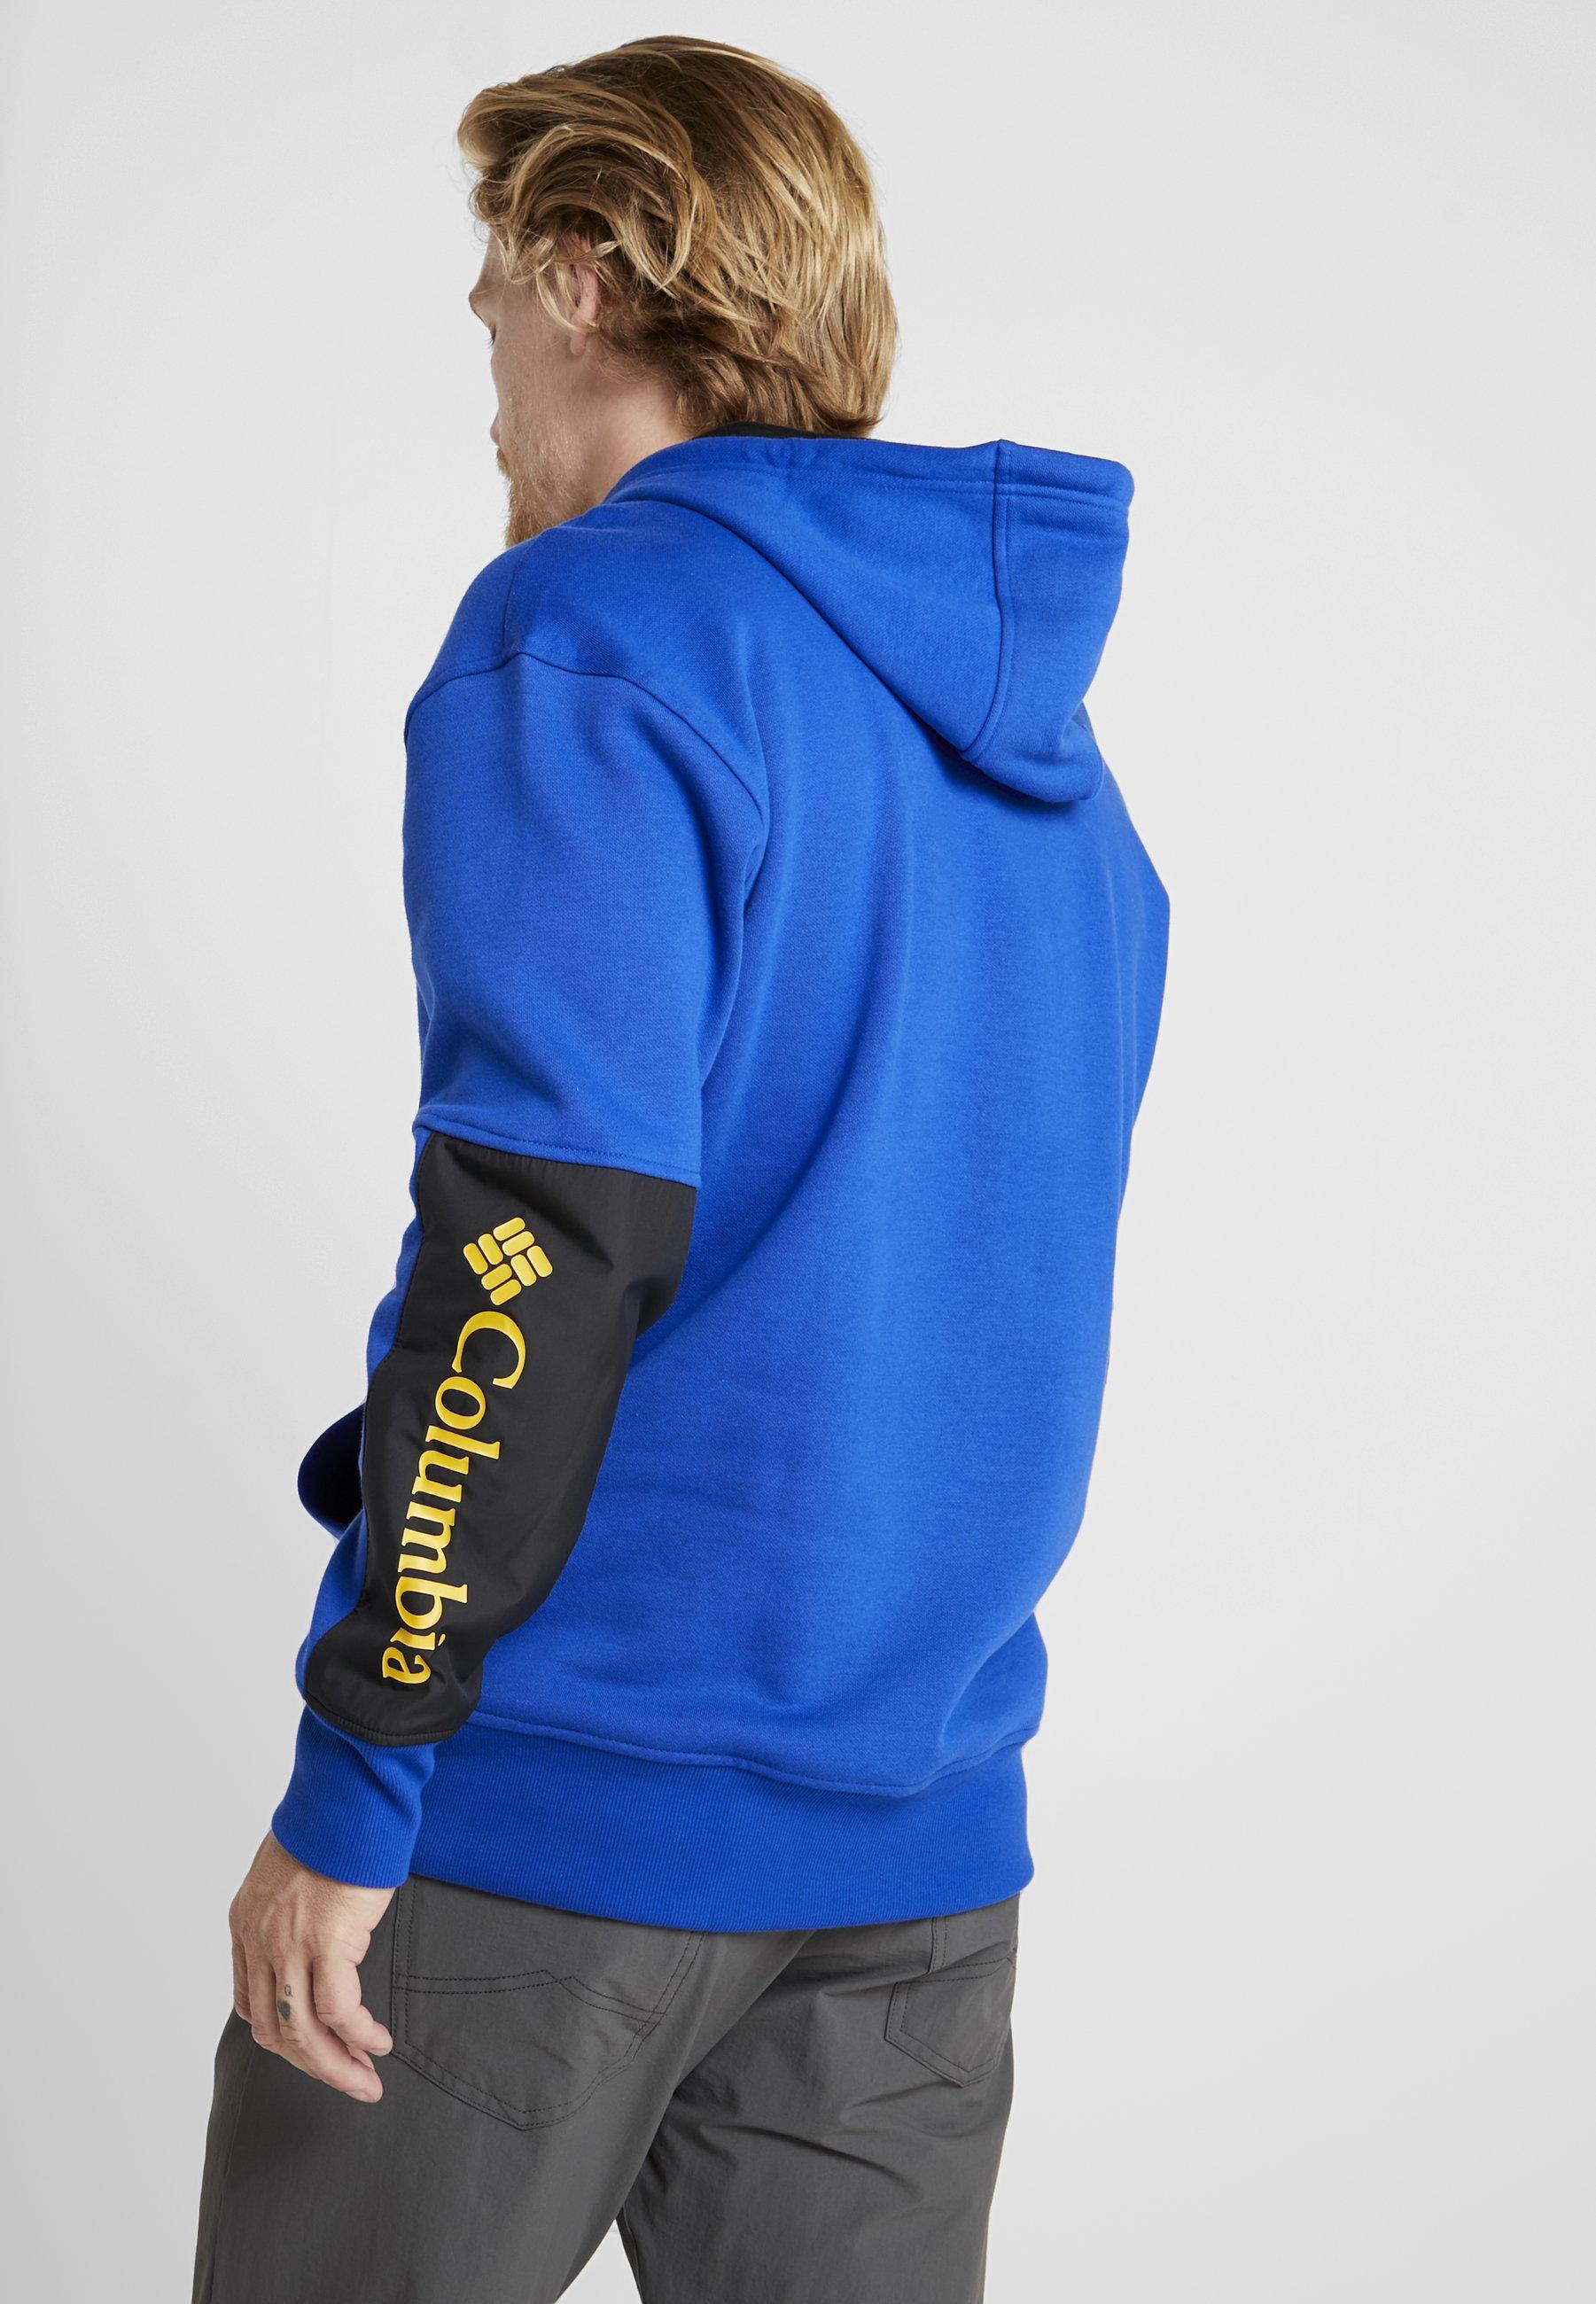 Fremont™ Cappuccio black Blue Columbia Con HoodieFelpa kiOPZTXuw